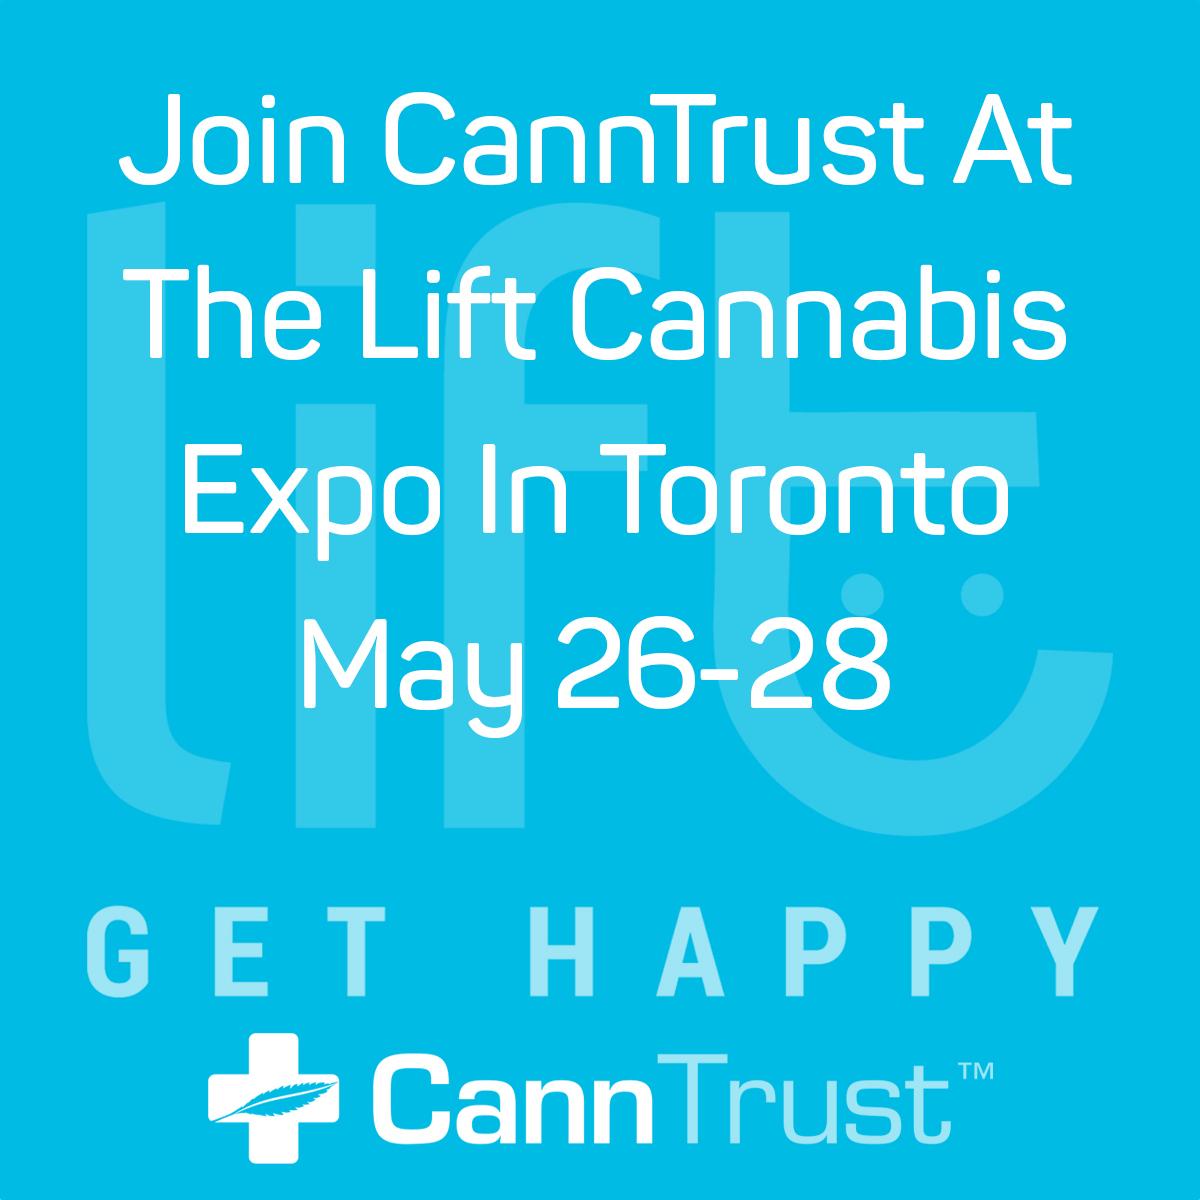 Lift Cannabis Expo